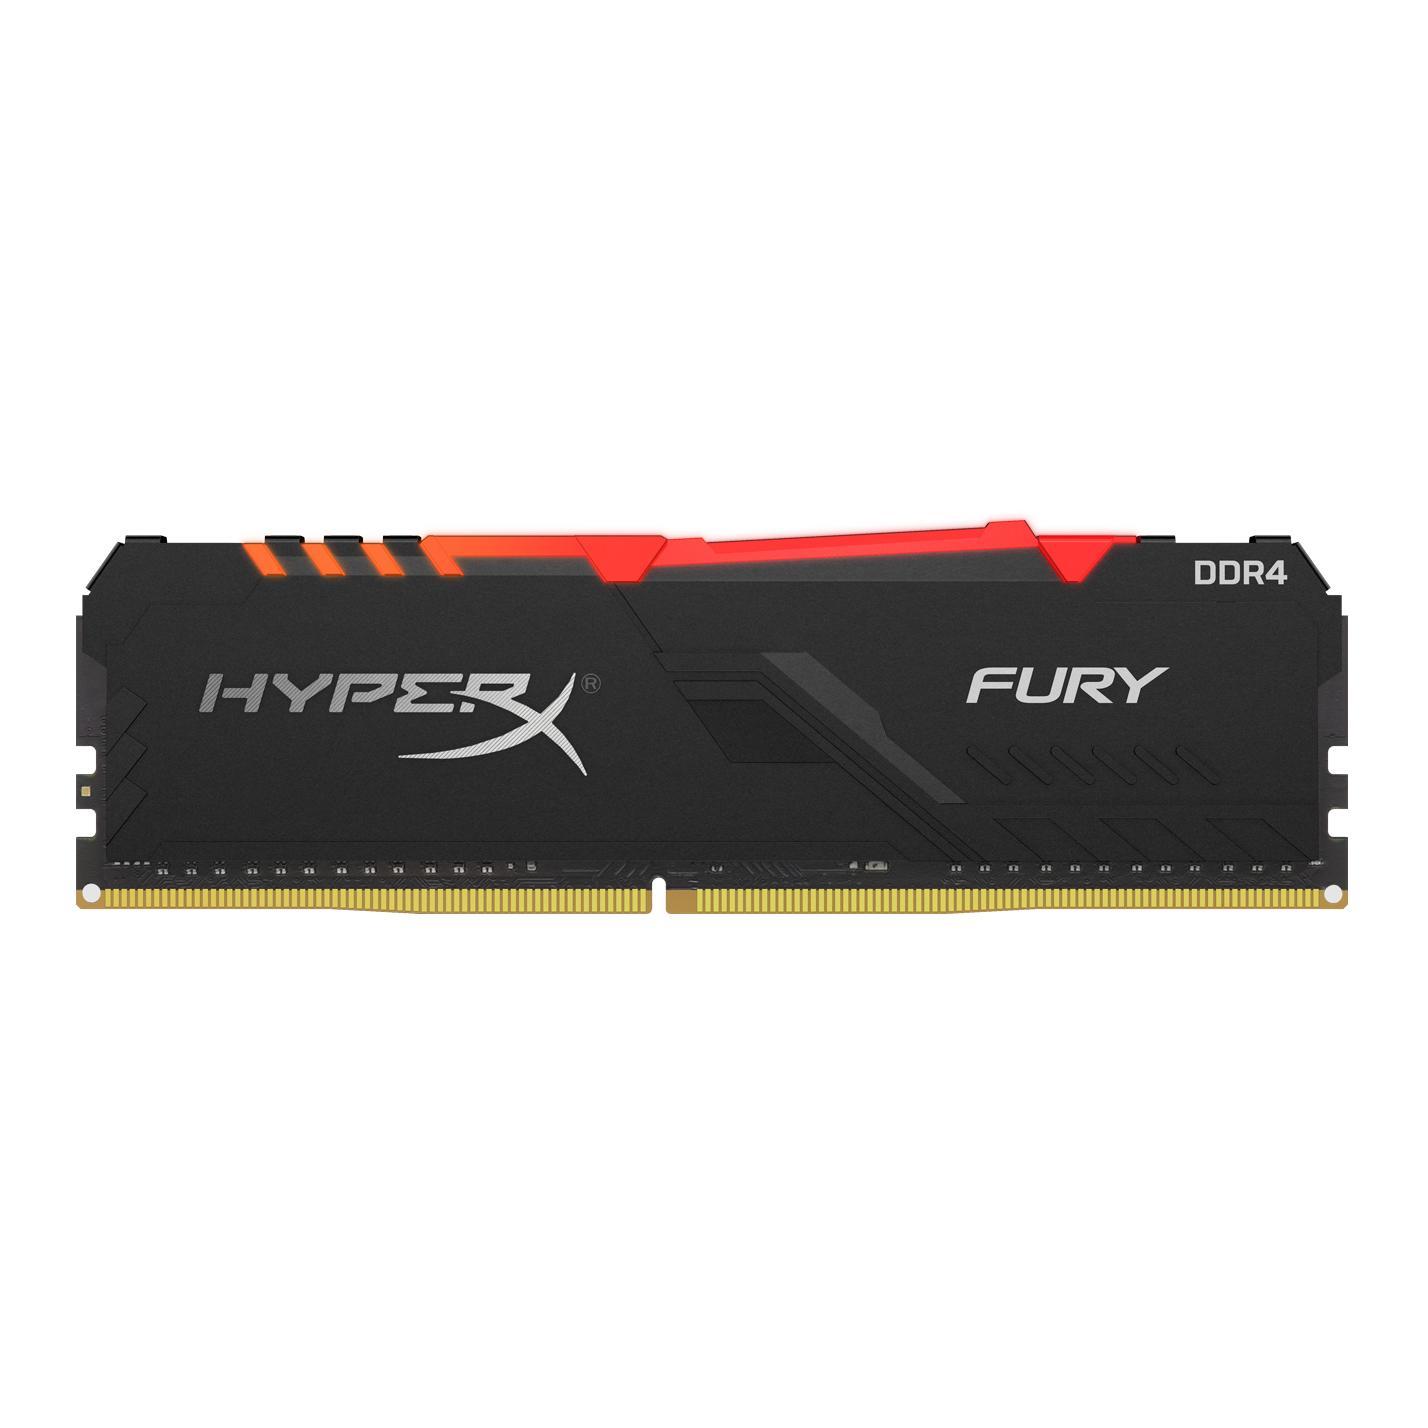 HYPERX FURY HX424C15FB3A/8 MEMORY MODULE 8 GB DDR4 2400 MHZ